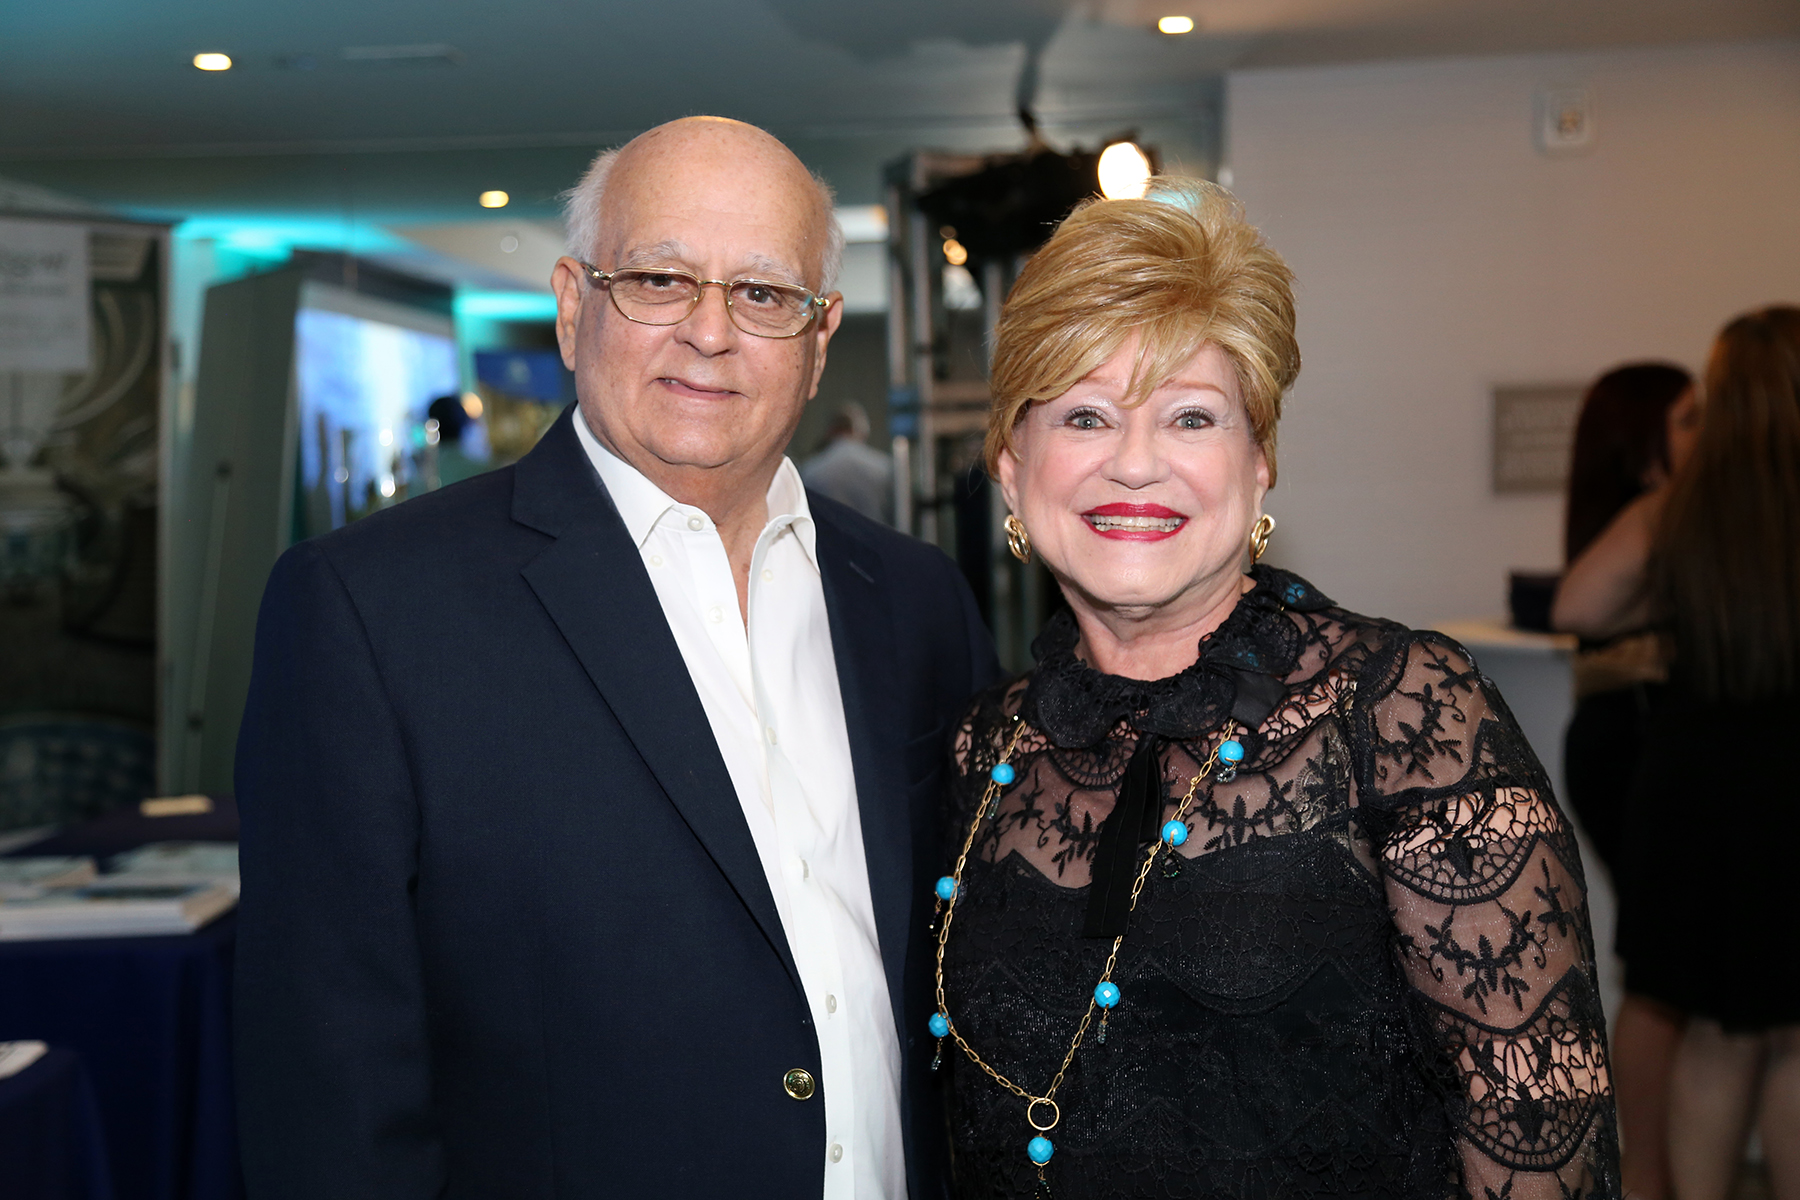 Ricardo Marrero y Nydia Cortés. (Nichole Saldarriaga)